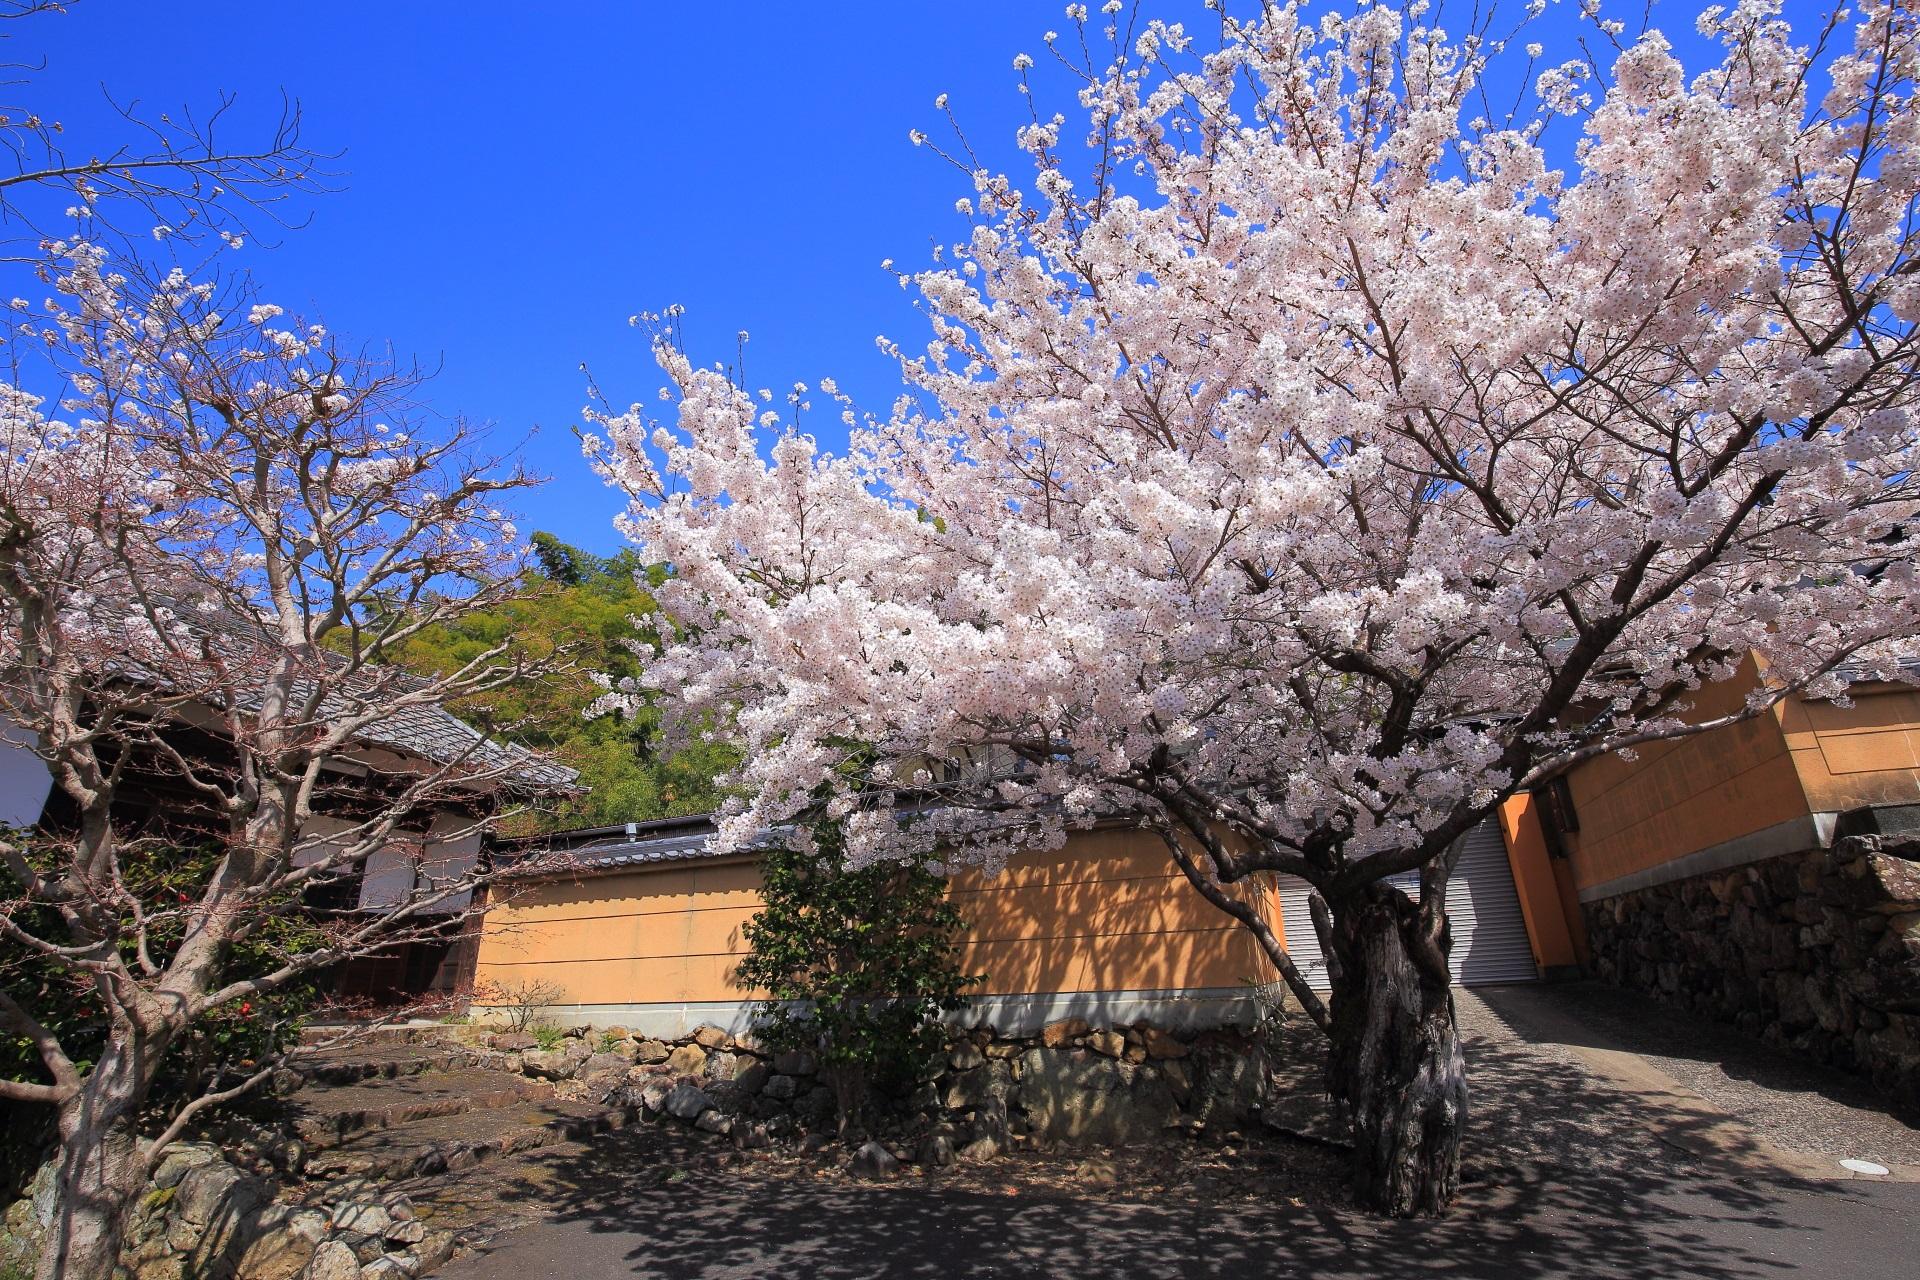 願徳寺の青空の下で咲き誇る桜